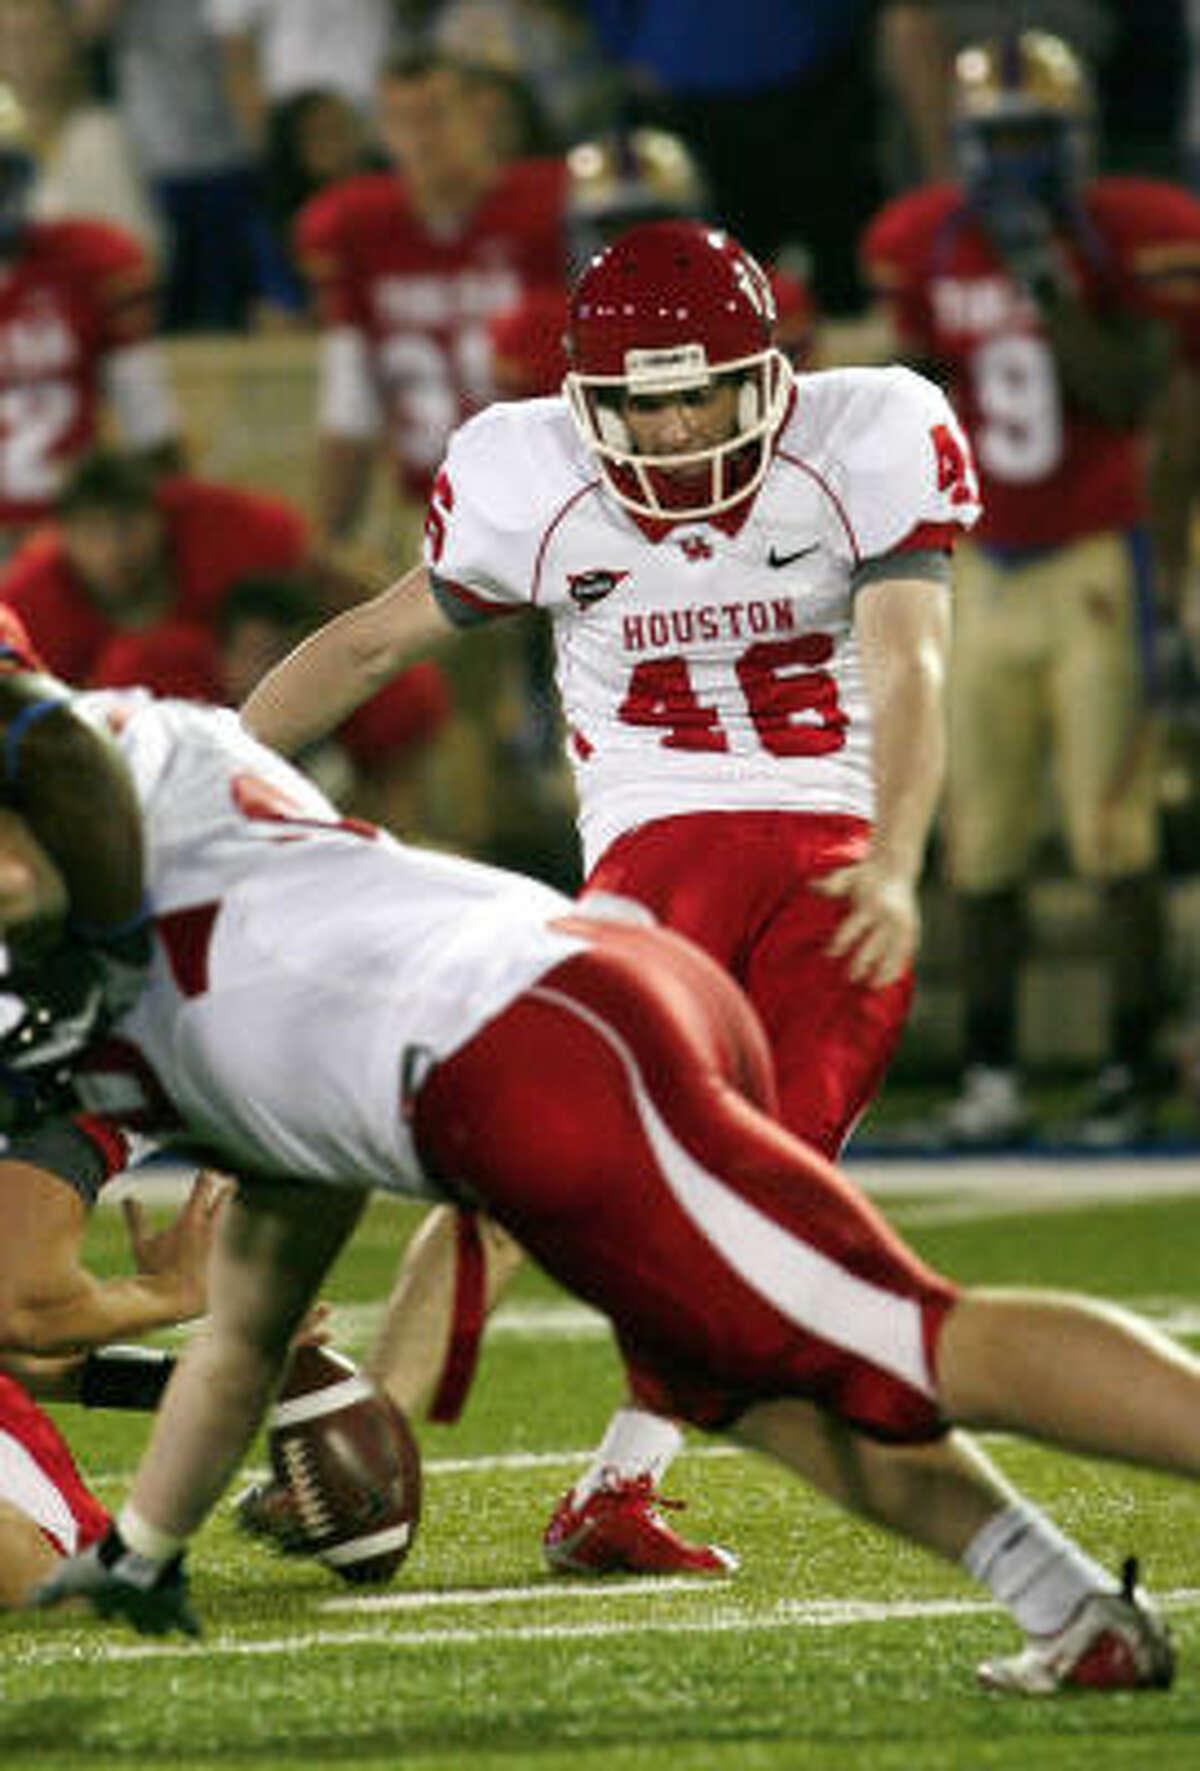 UH kicker Matt Hogan kicks a last-second 51-yard field goal to help Houston defeat Tulsa.